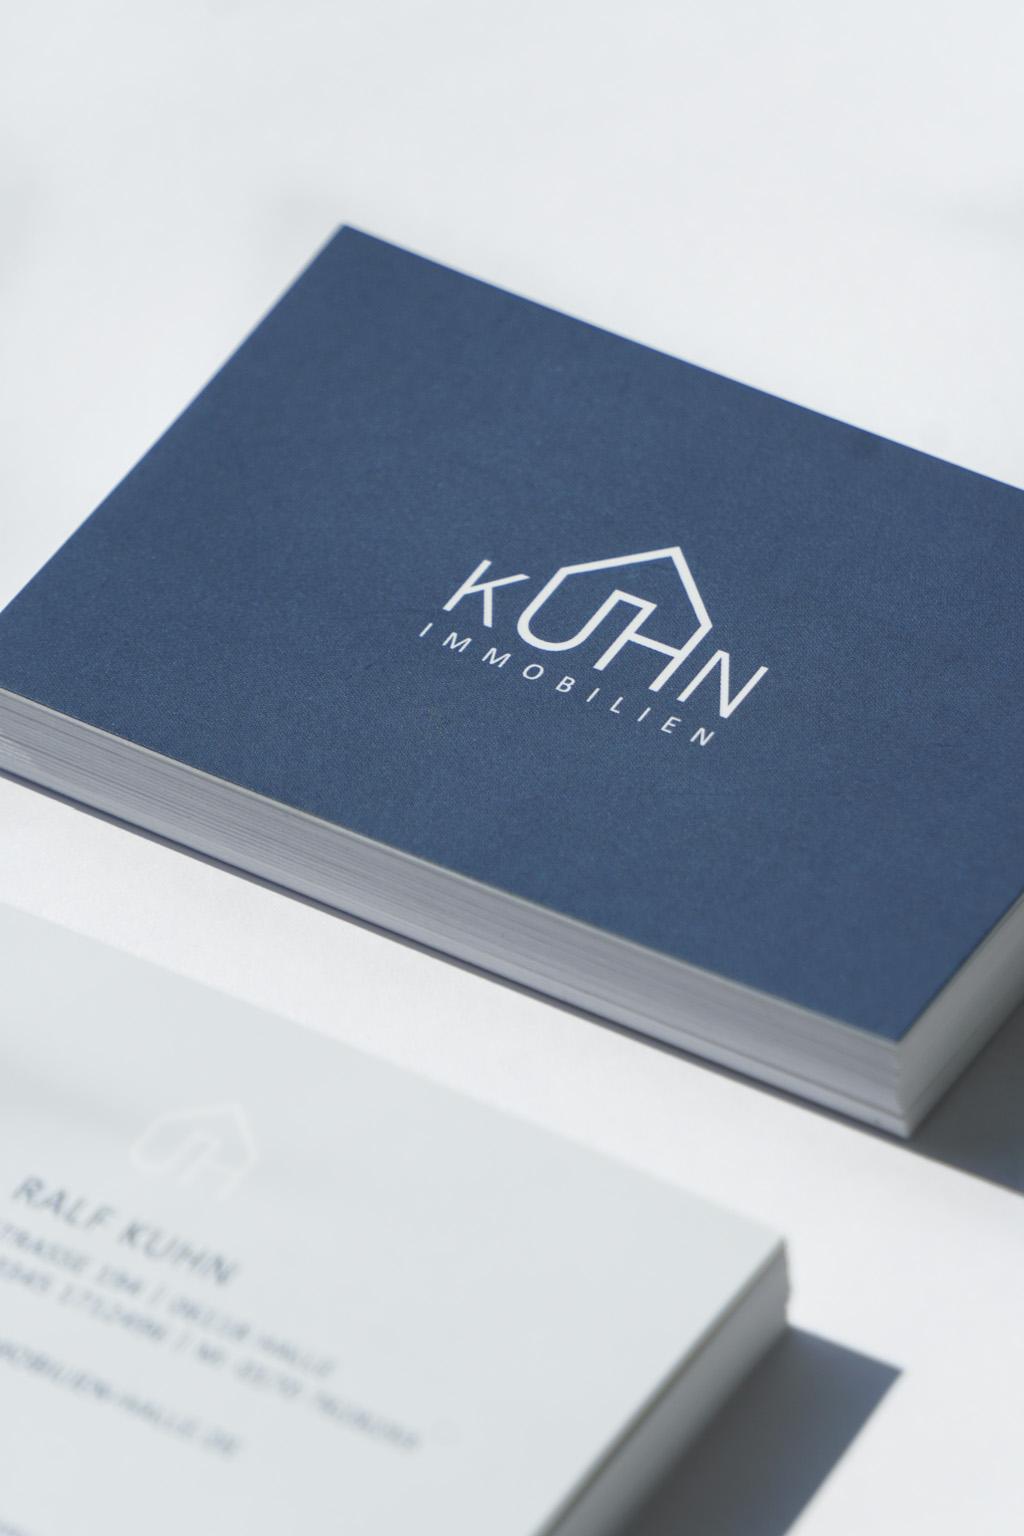 Kuhn-Immobilien Visitenkarte